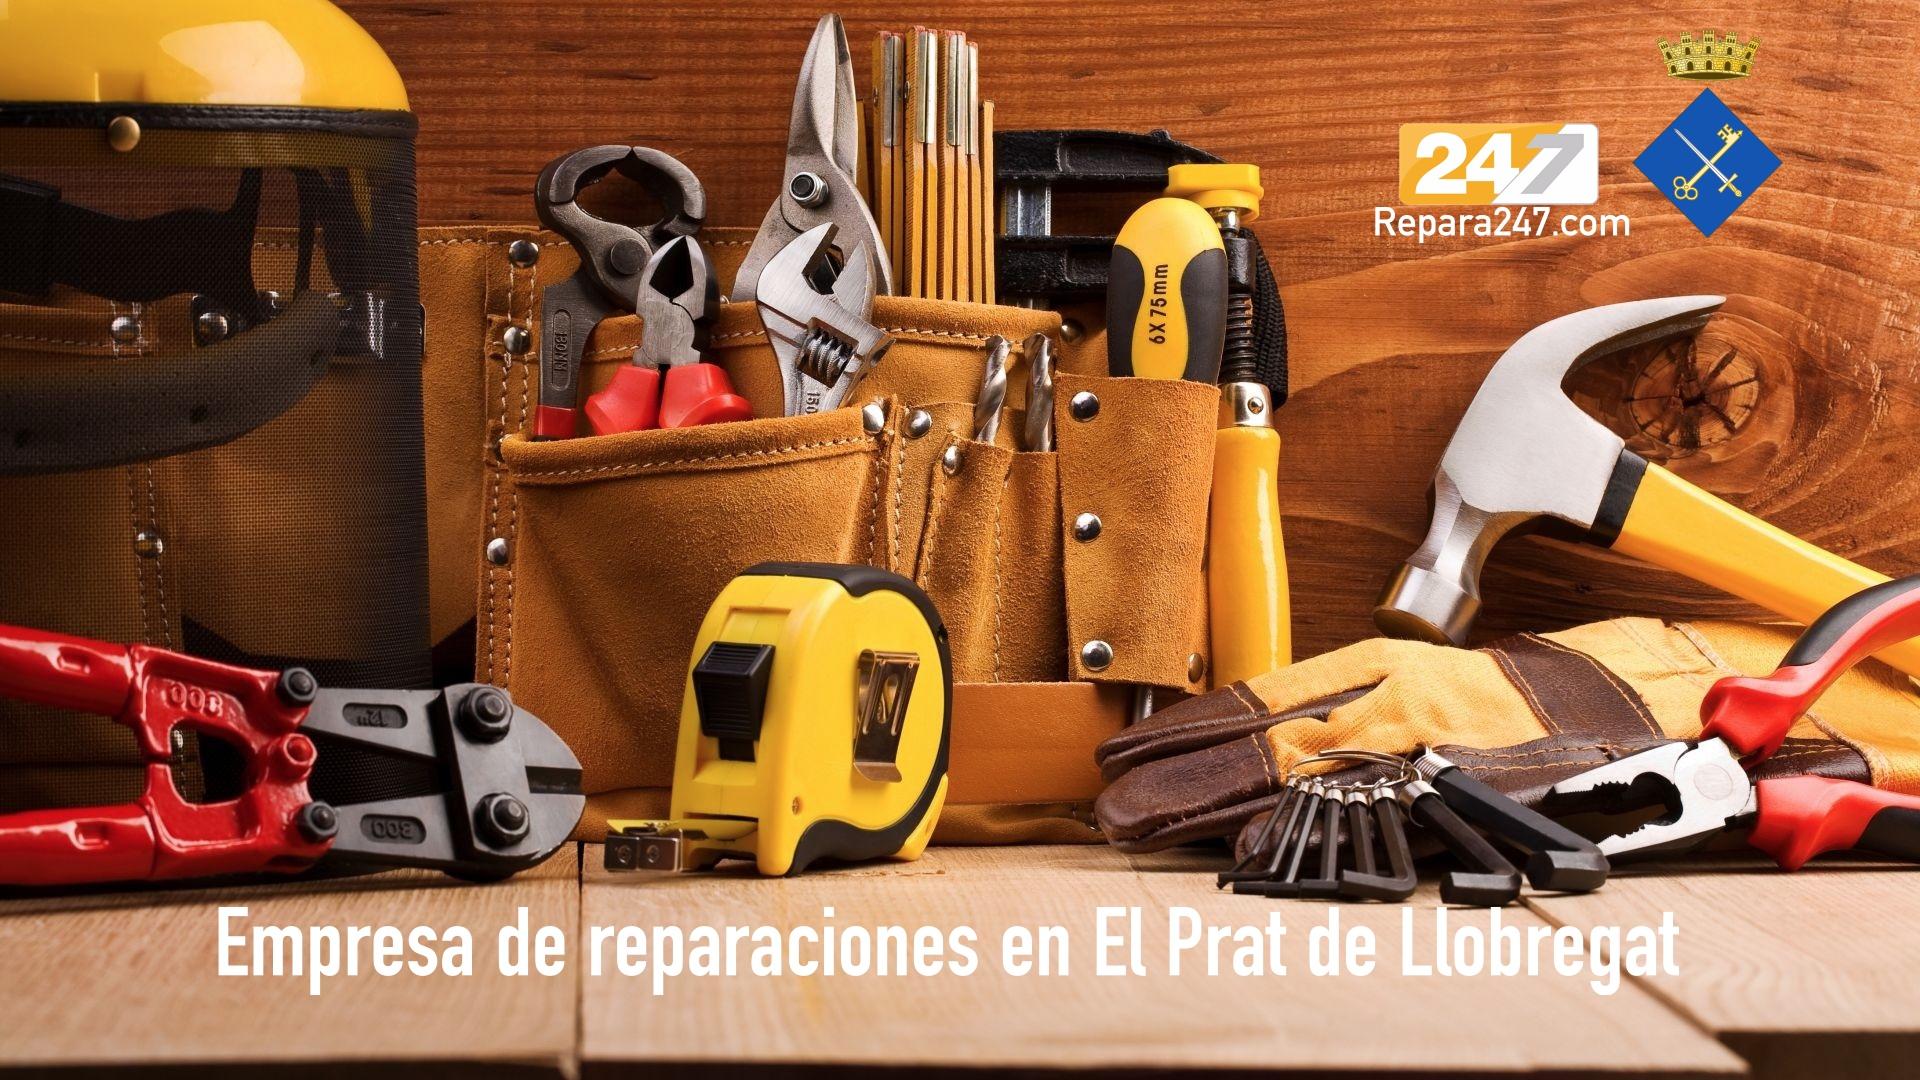 Empresa de reparaciones en El Prat de Llobregat